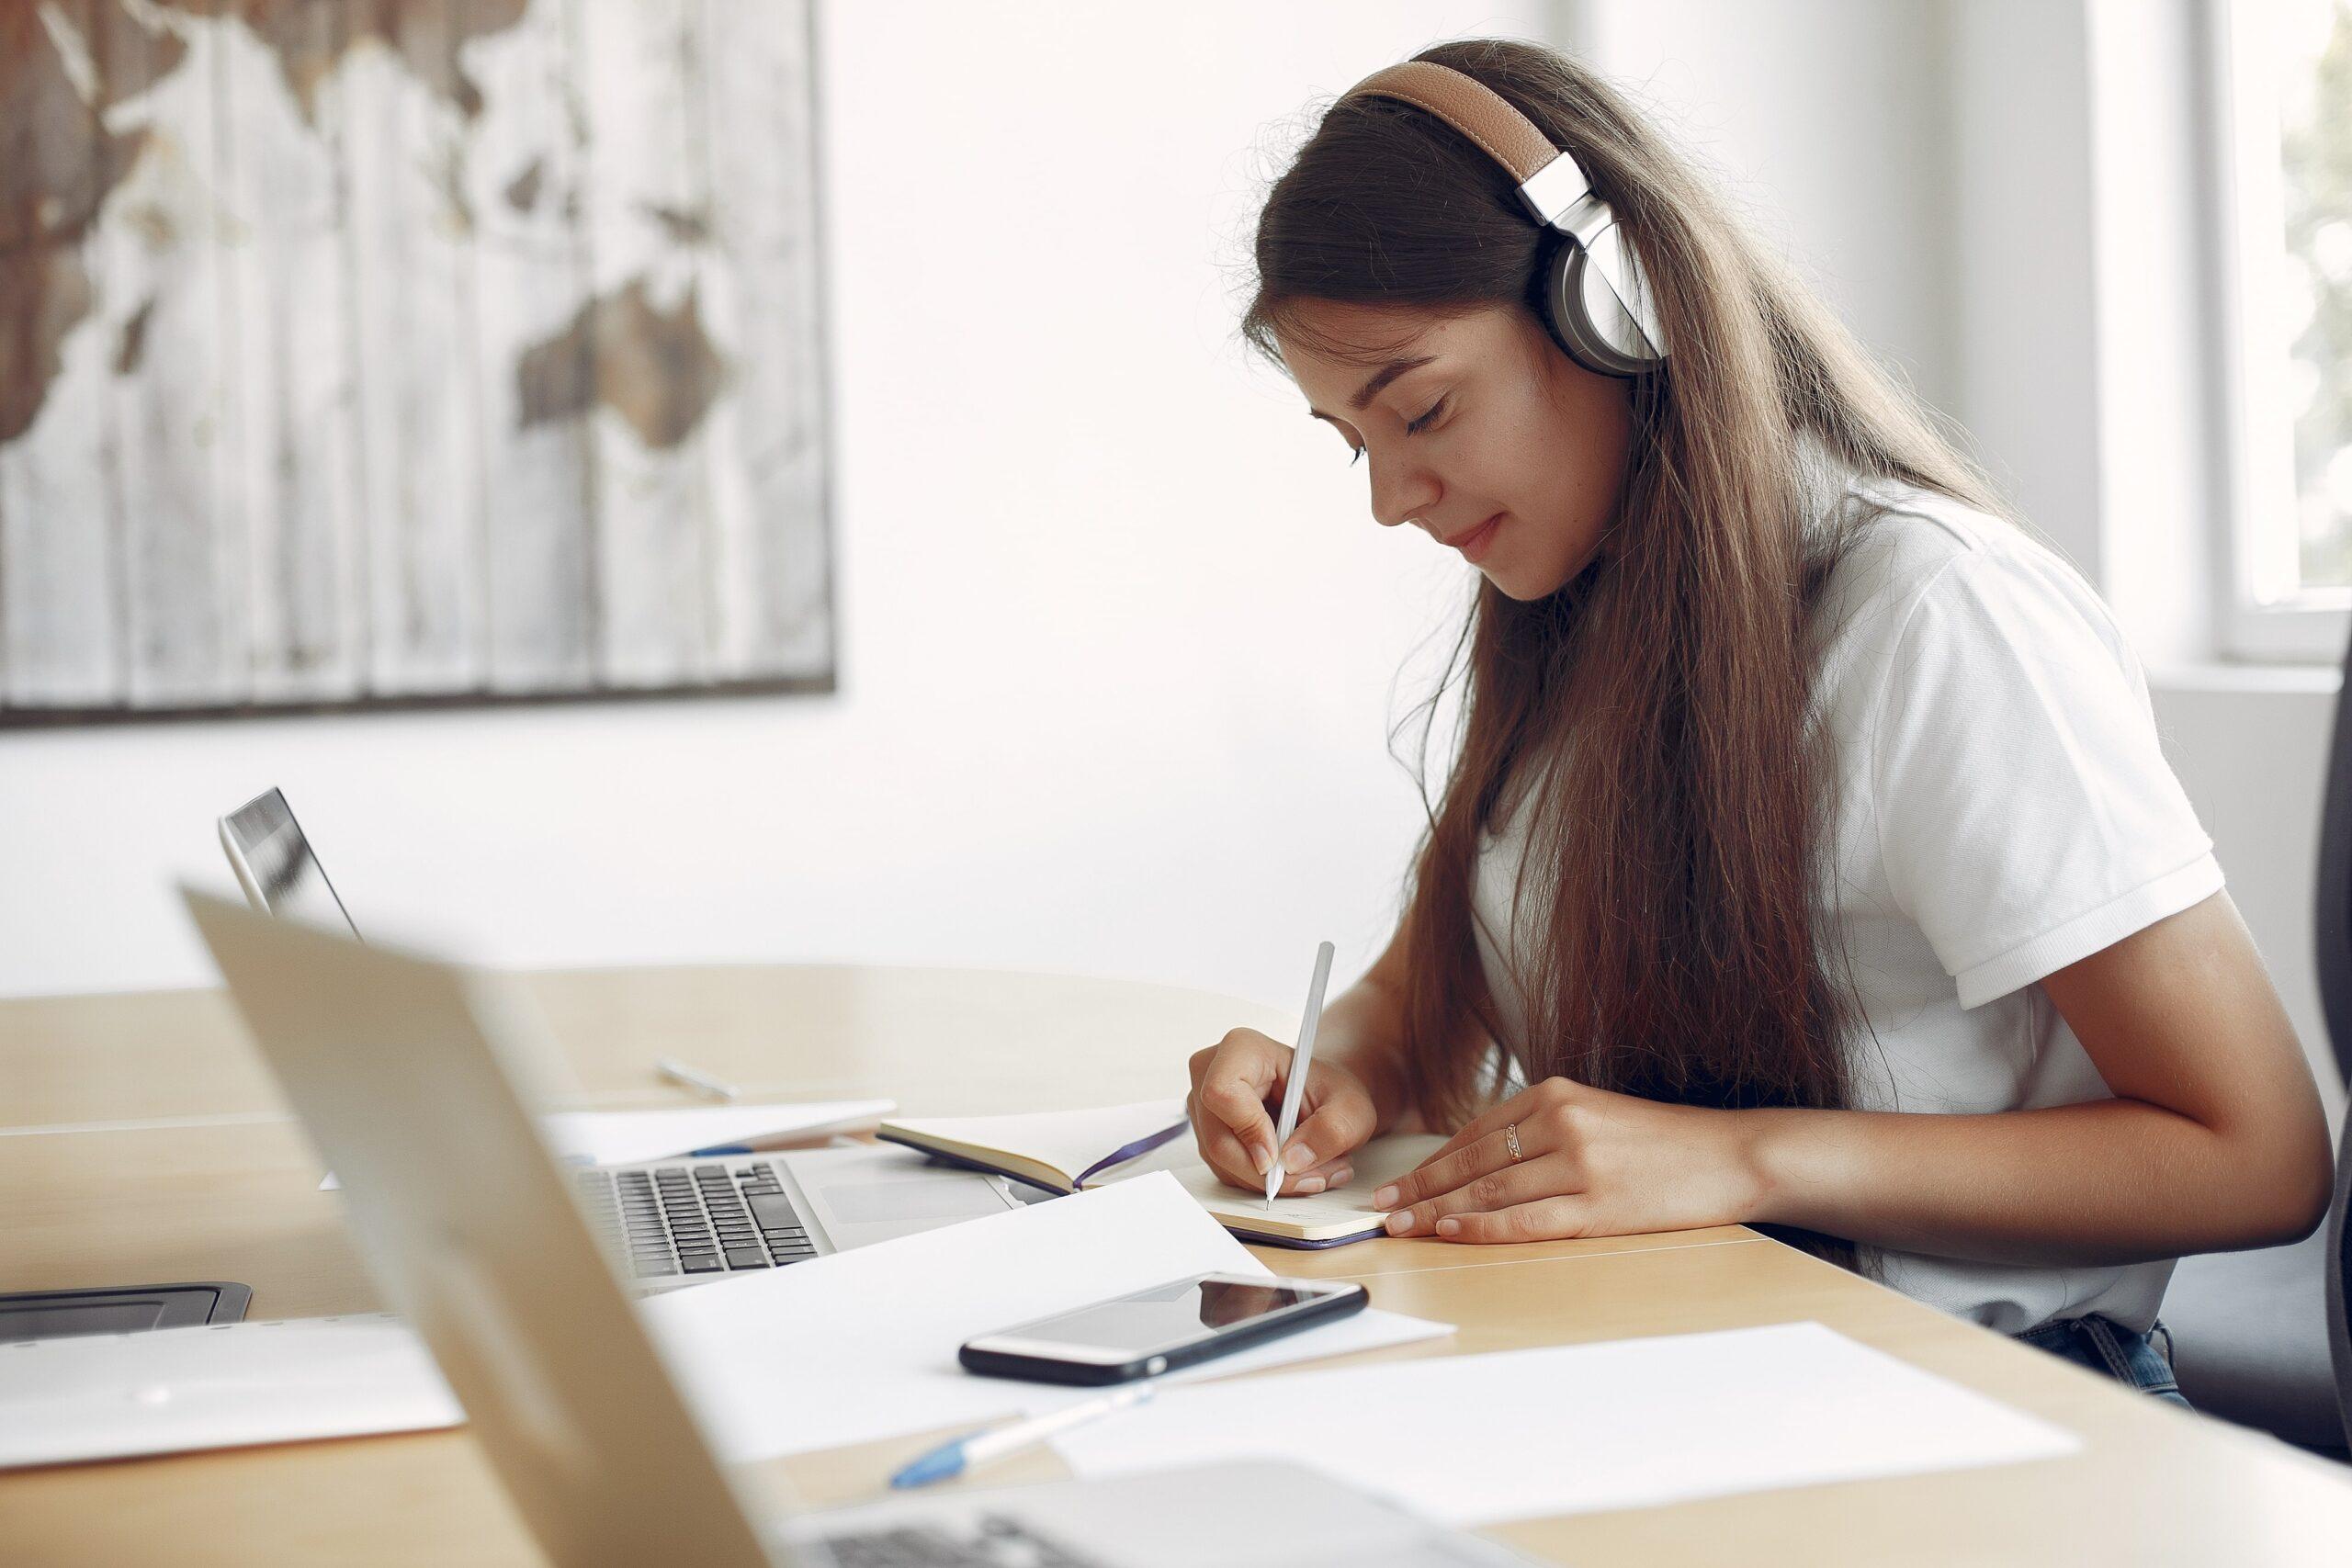 ders çalışırken müzik dinlemek